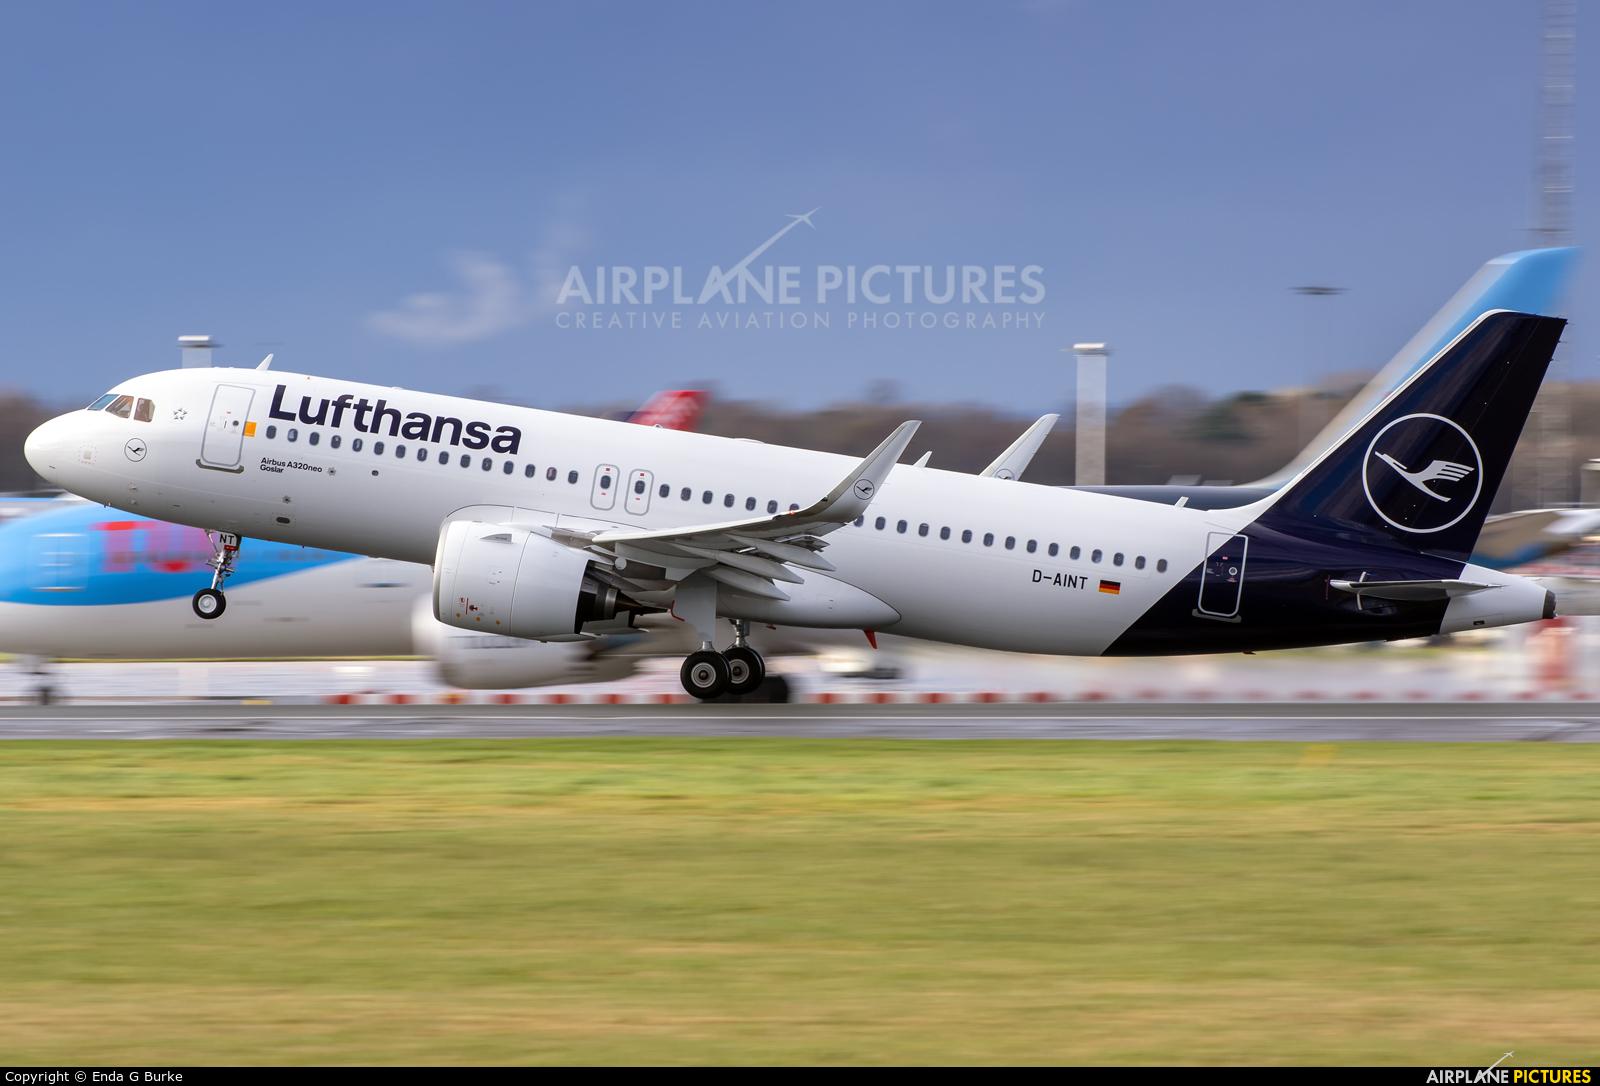 Lufthansa D-AINT aircraft at Manchester